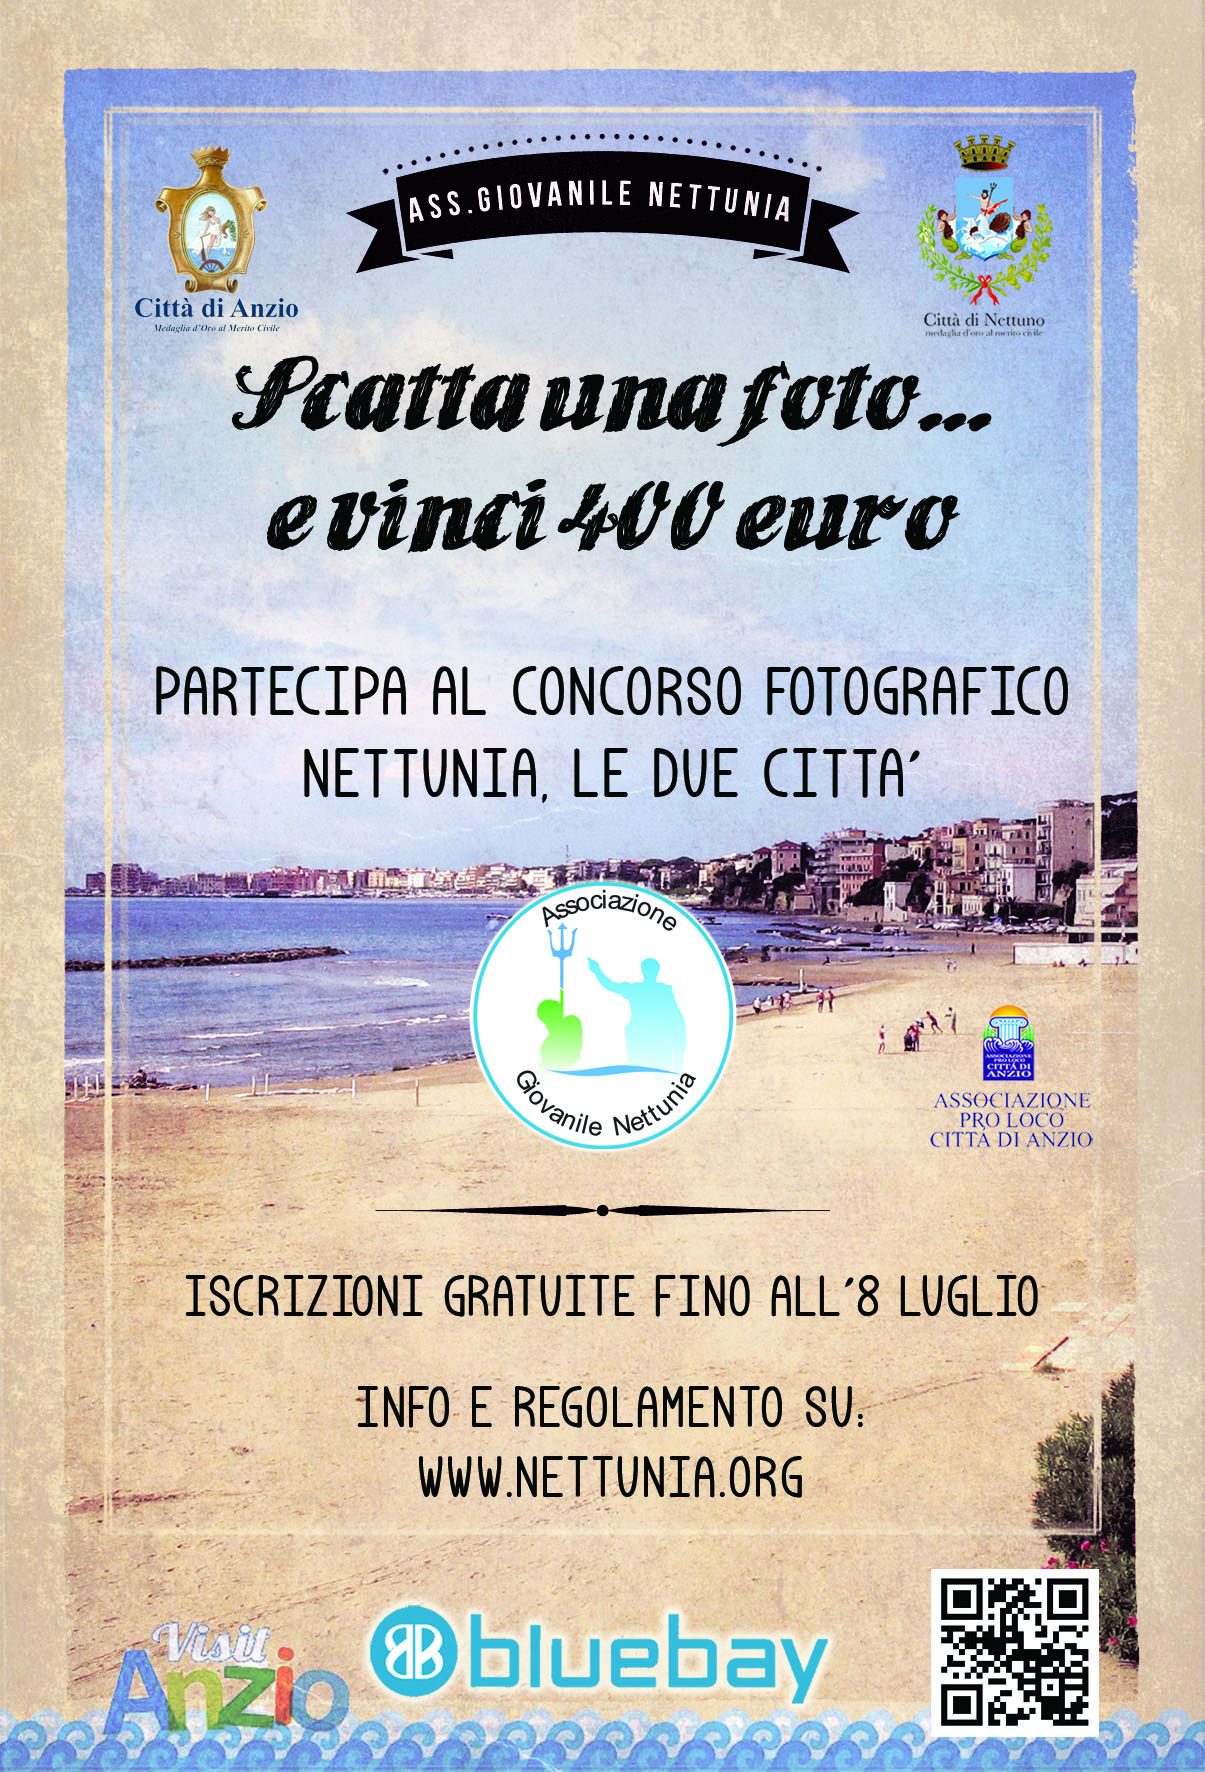 Nettuno: Scatta una foto e vinci 400 euro